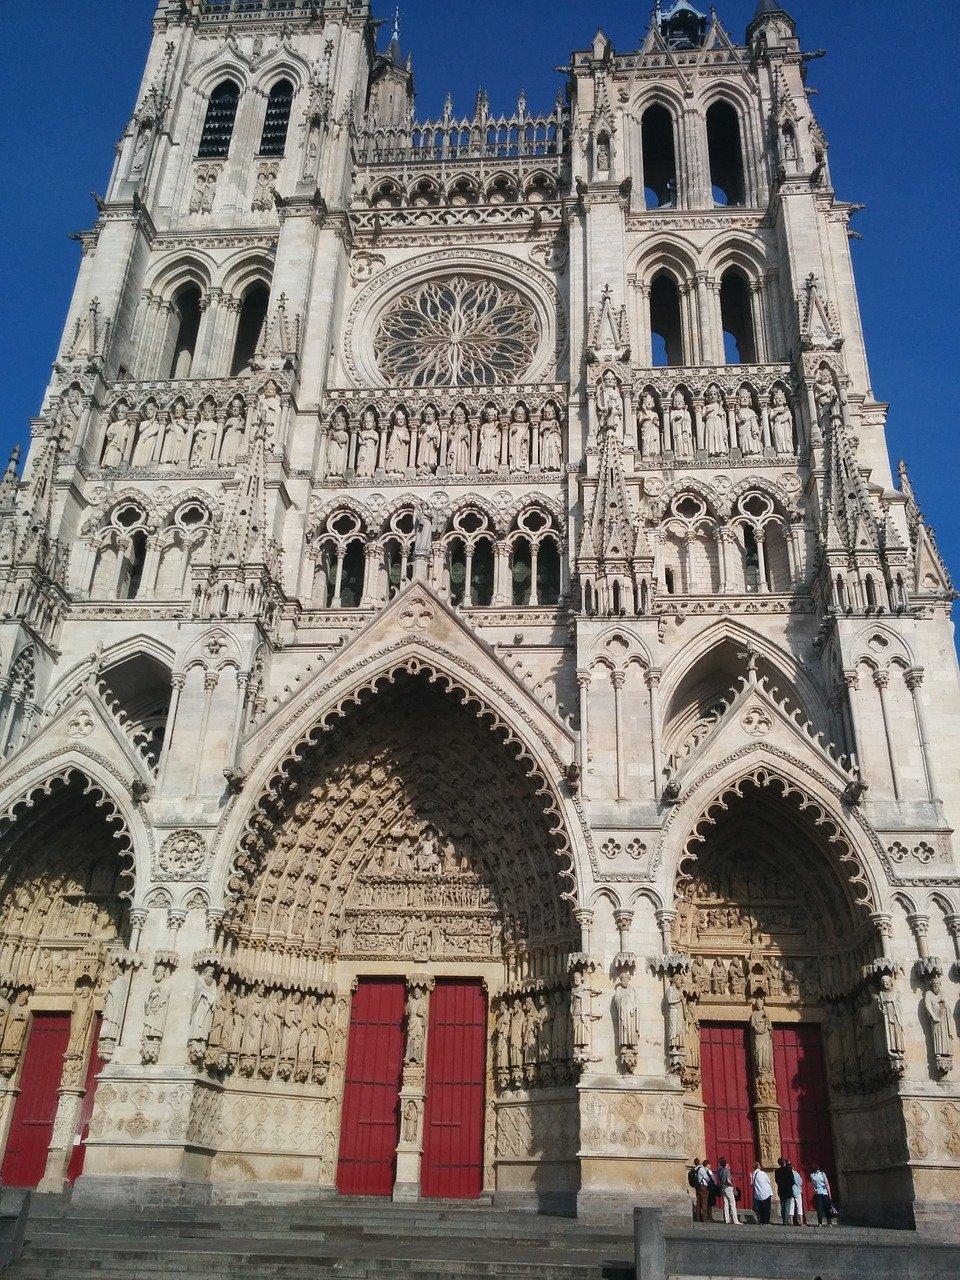 Les Plus Grandes Cathédrales De France : grandes, cathédrales, france, Grandes, Cathédrales, France, Lebaladin